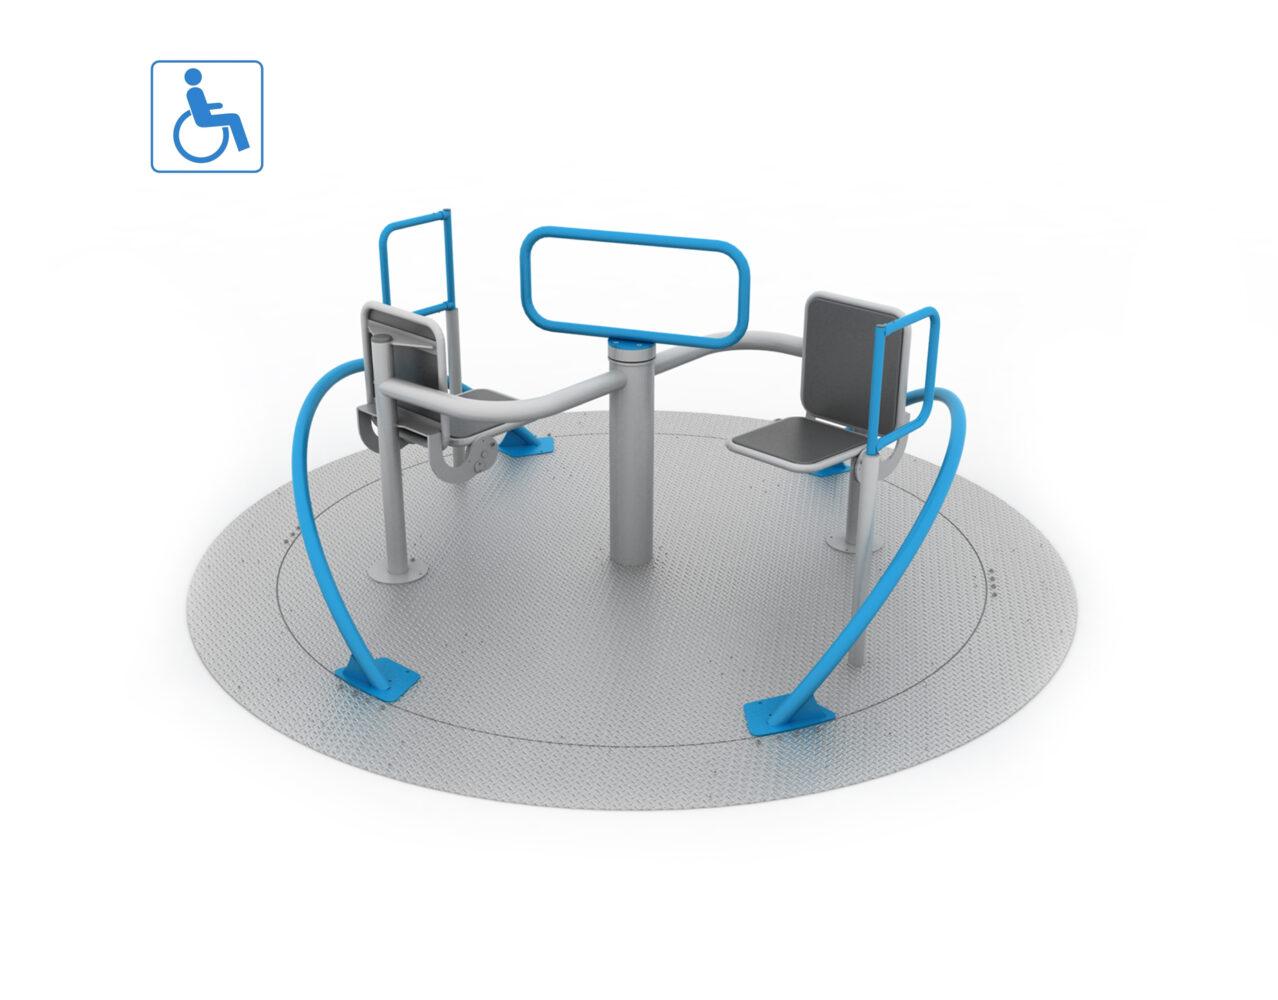 Karuzela integracyjna dla osób na wózkach inwalidzkich na plac zabaw